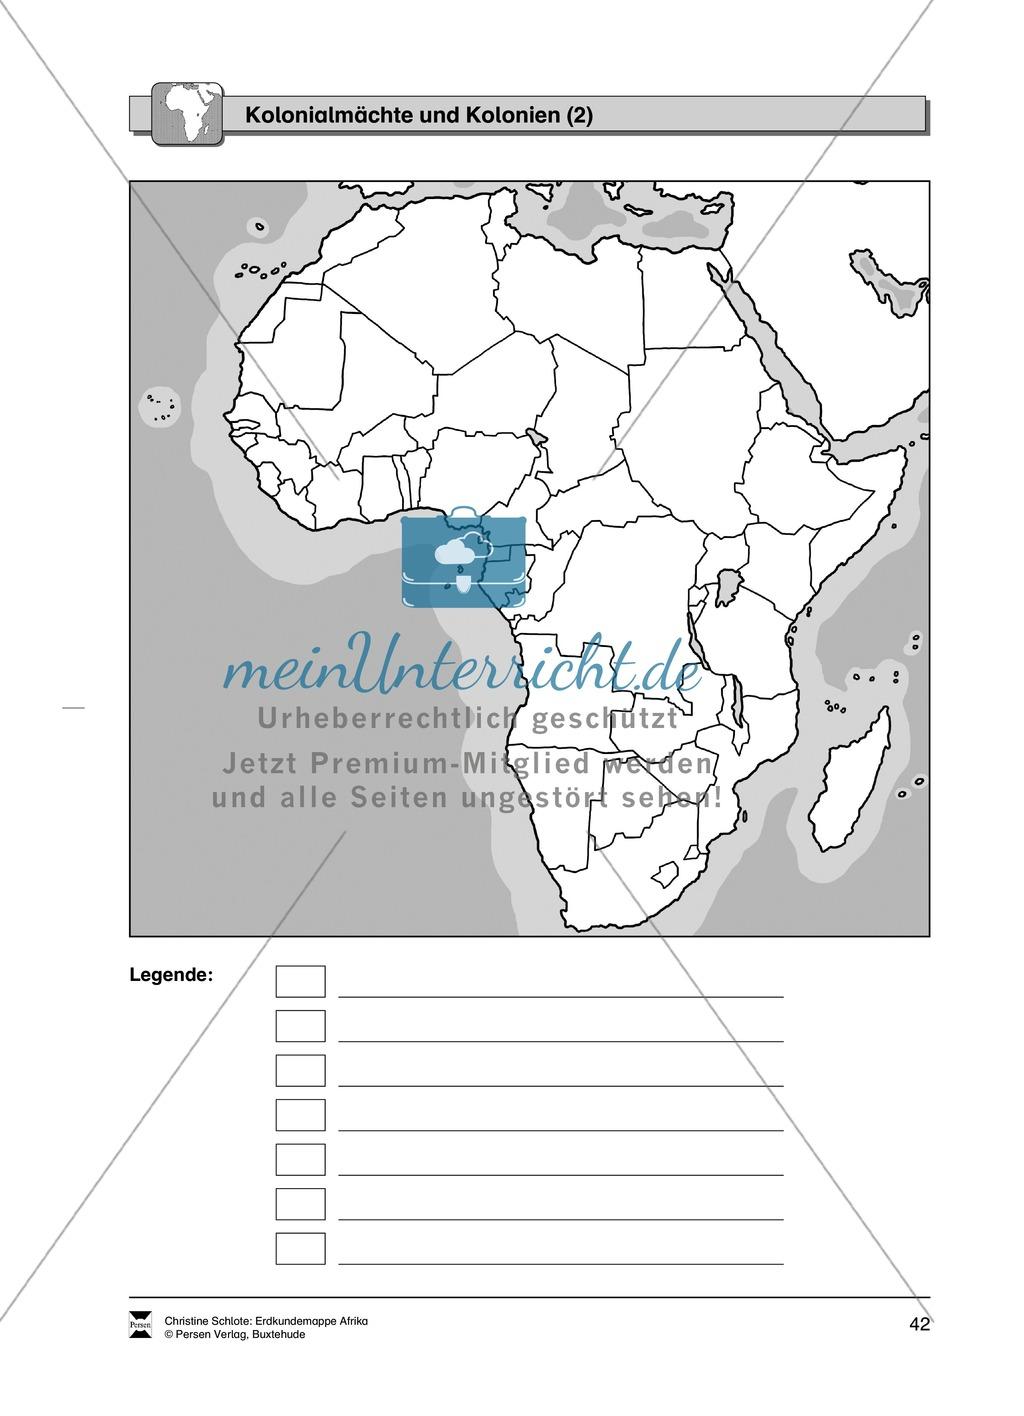 Kopiervorlagen zum Kolonialismus in Afrika: Lückentext + Karte Preview 2